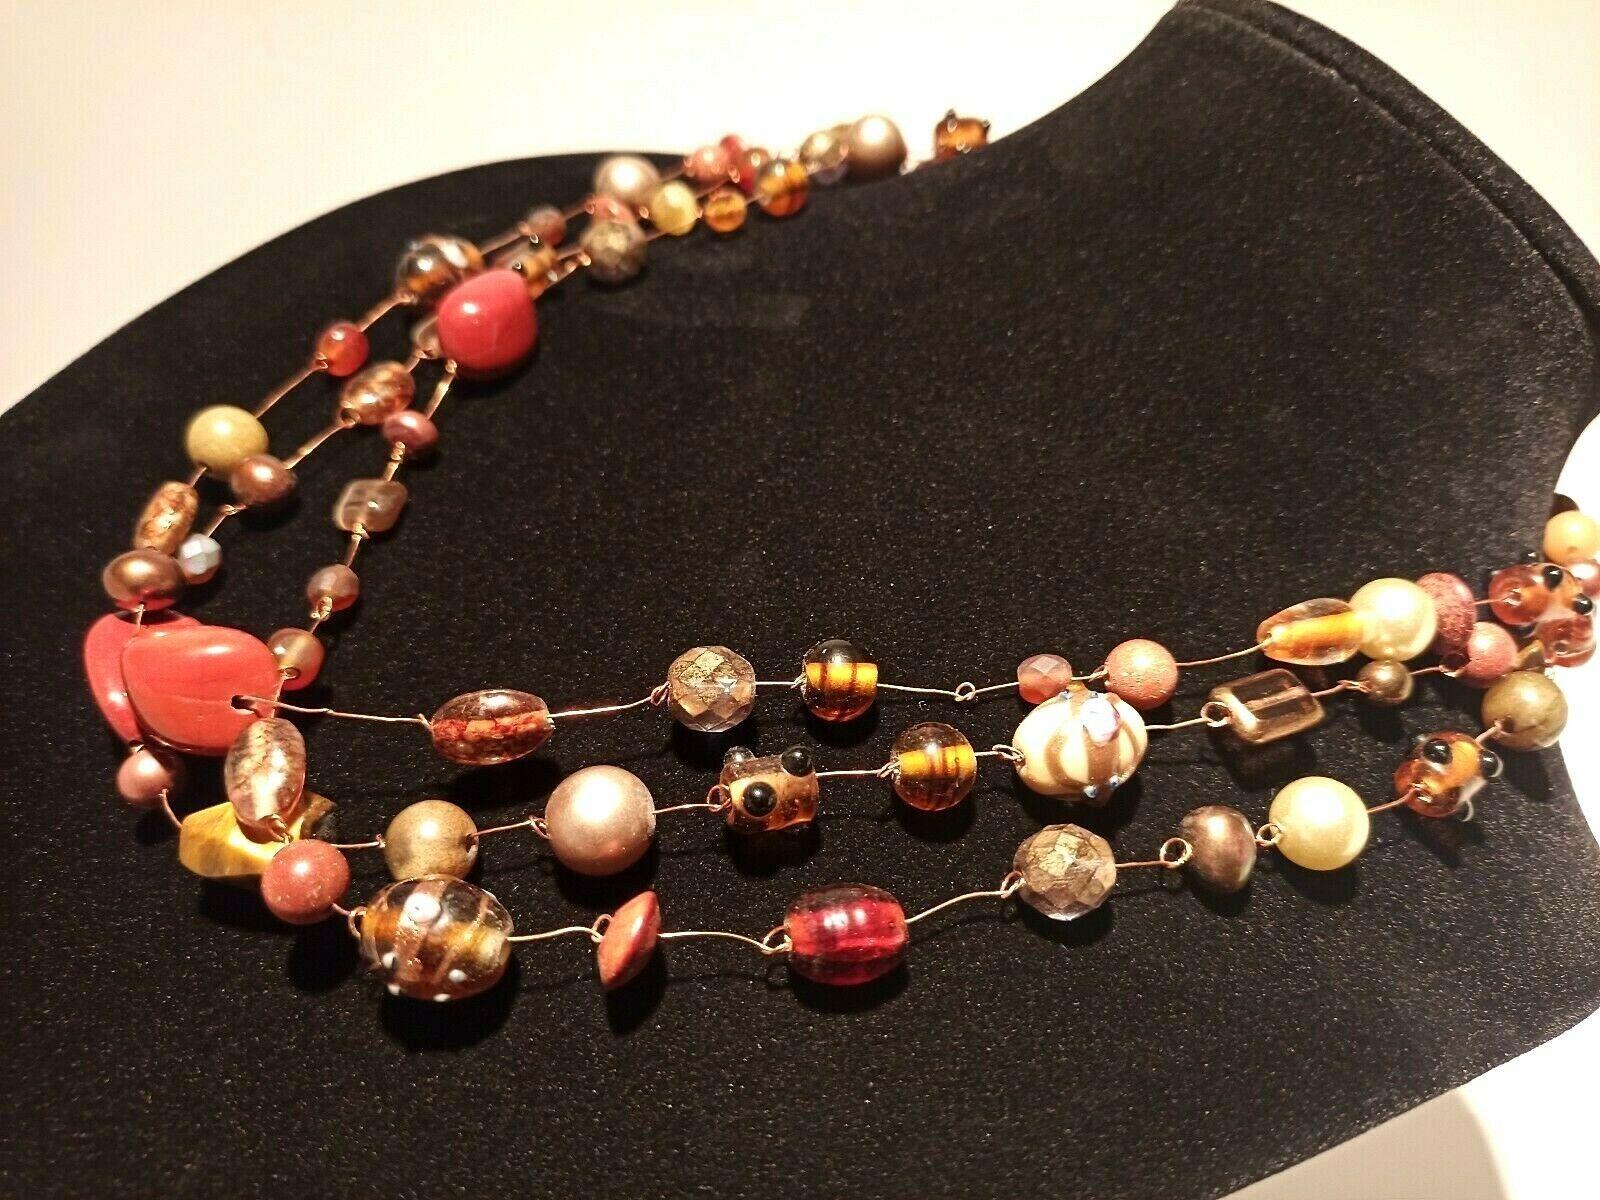 Unique 3 Strand Treasure Necklace w/ Pearls Stones Murano Glass and MUCH MORE!